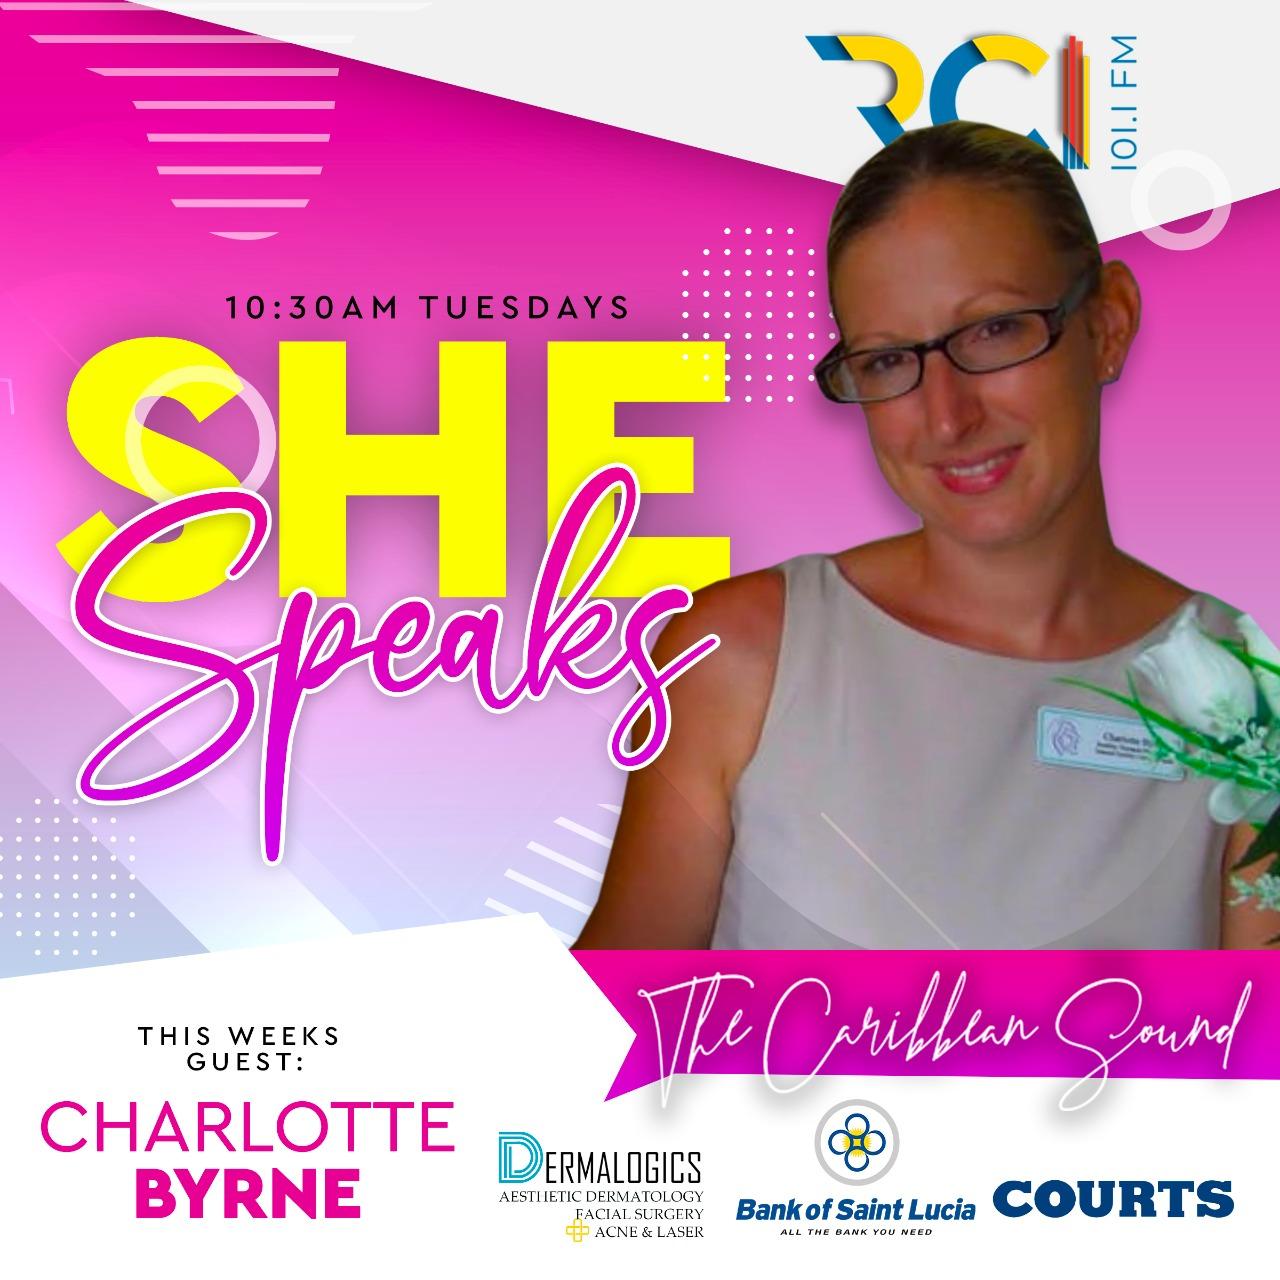 Charlotte Byrne